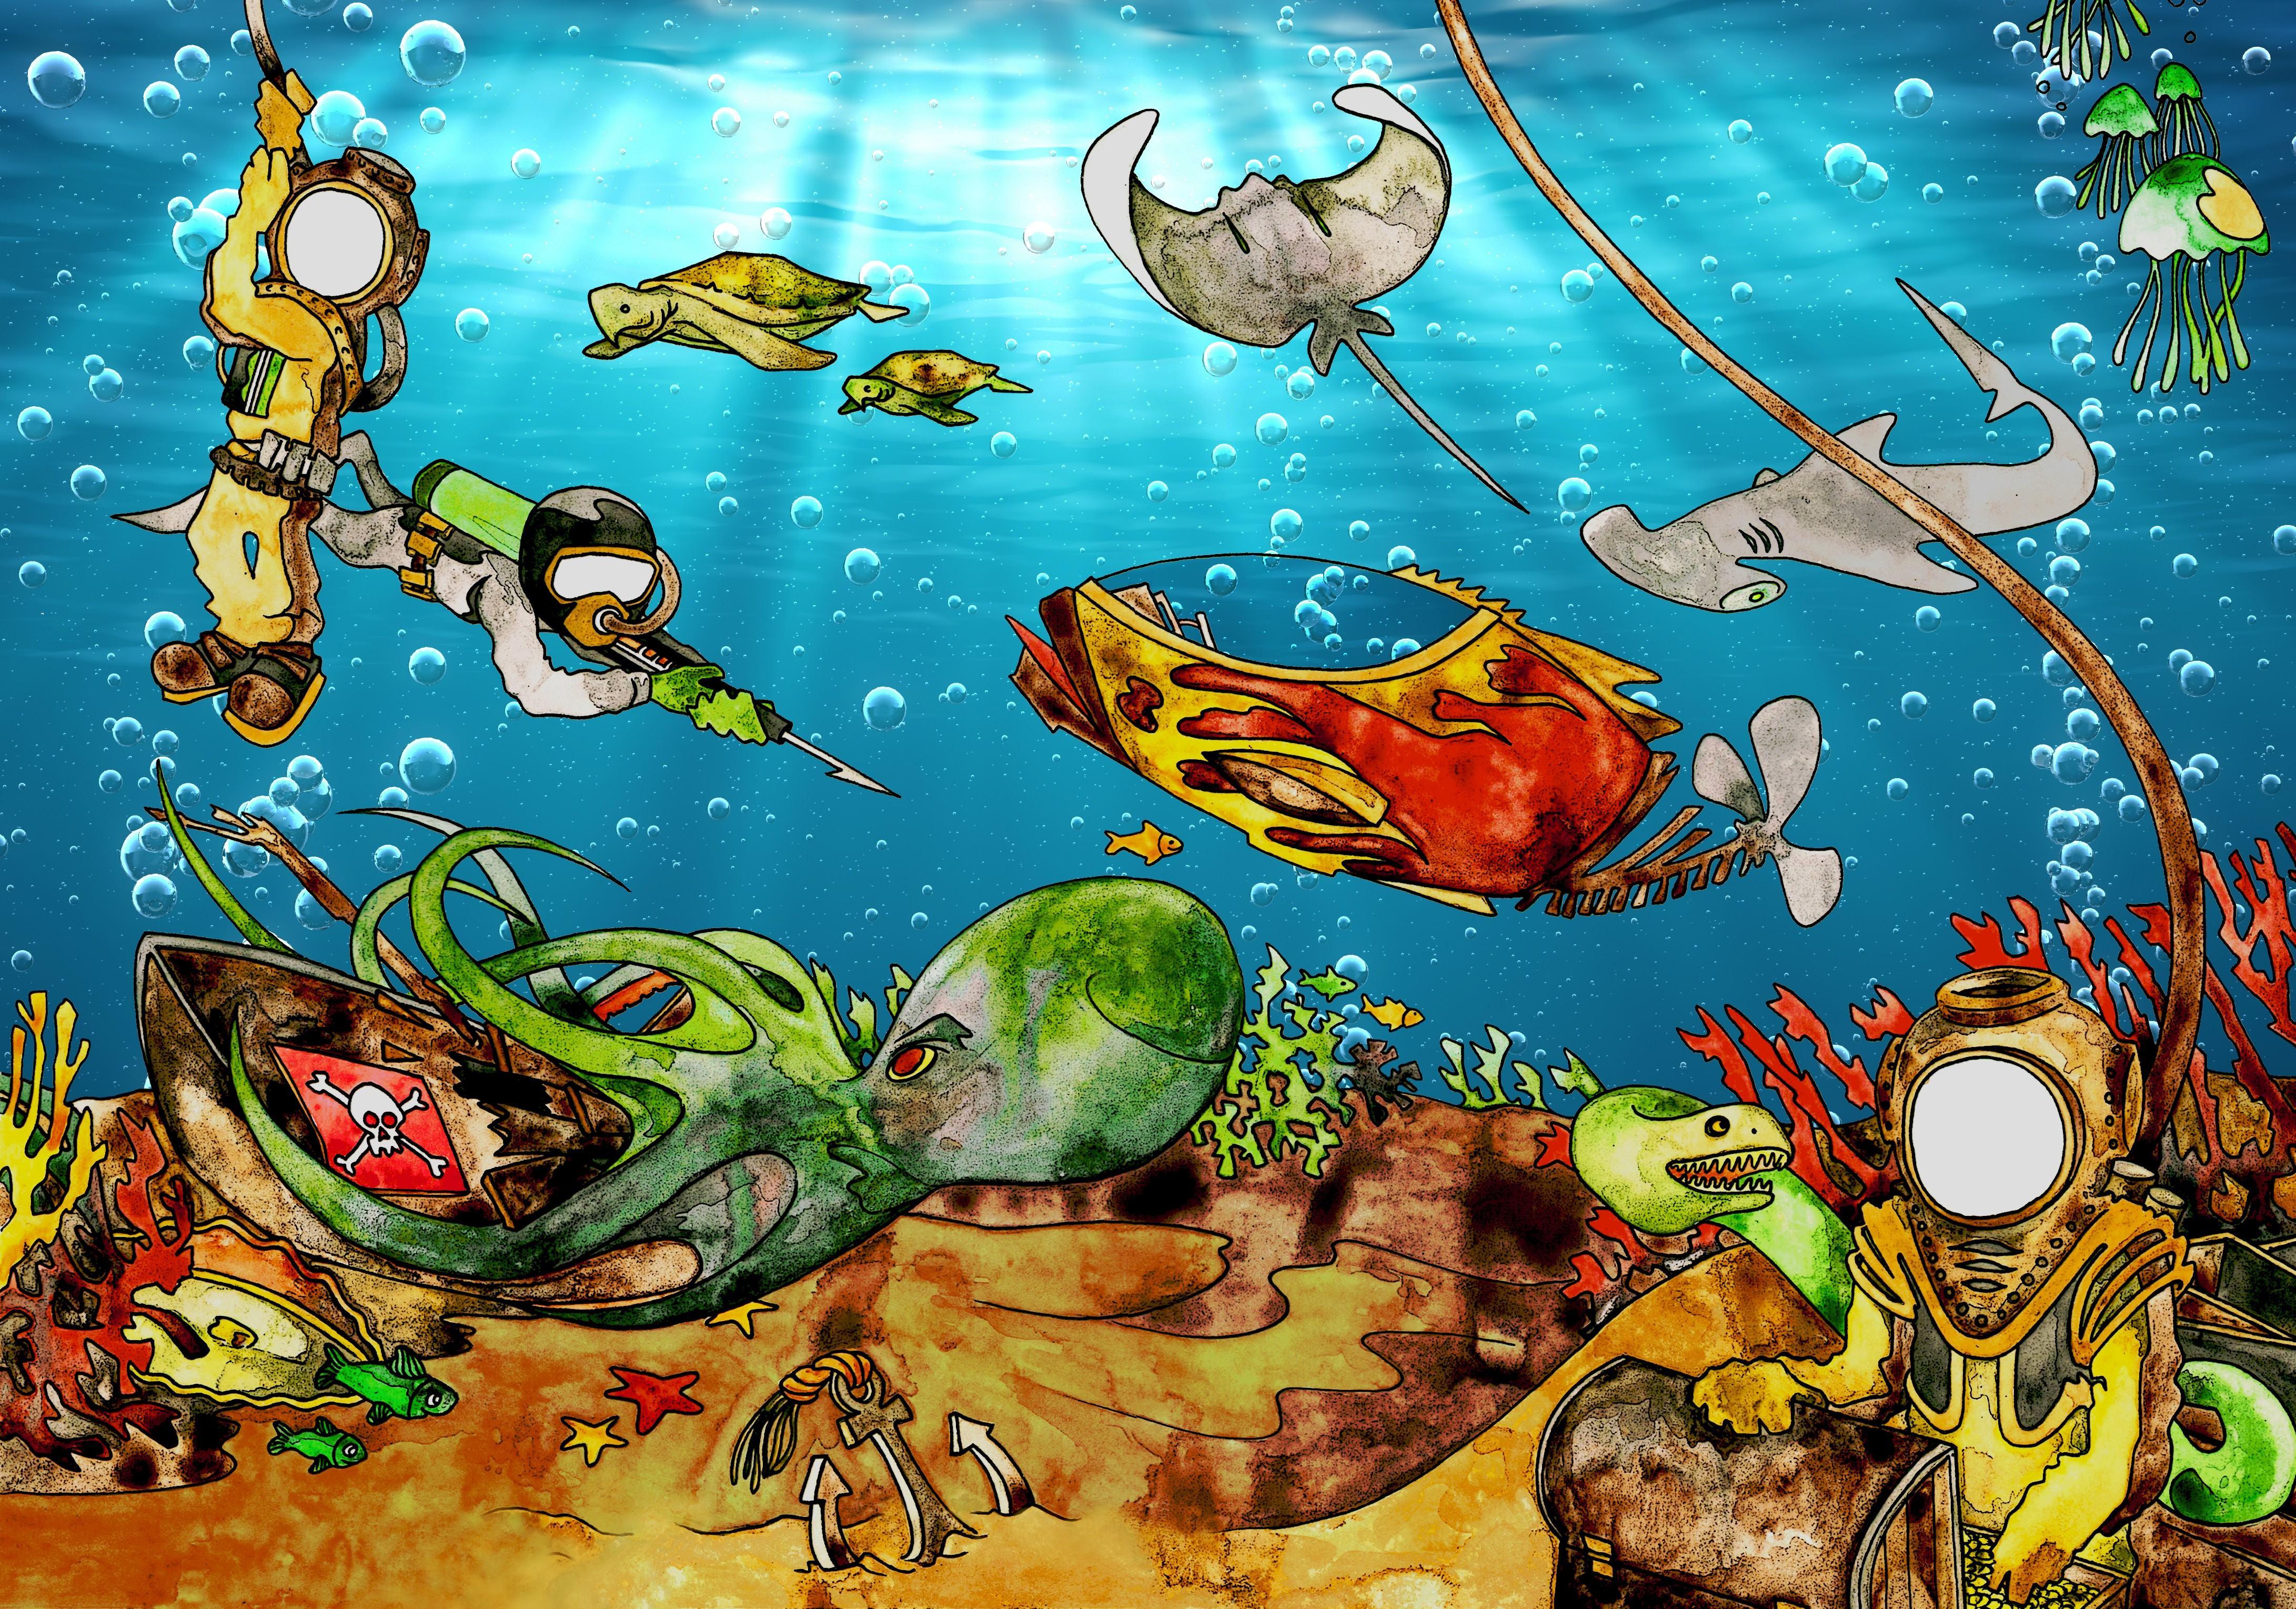 Ocean Theme Wallpaper Wallpapersafari